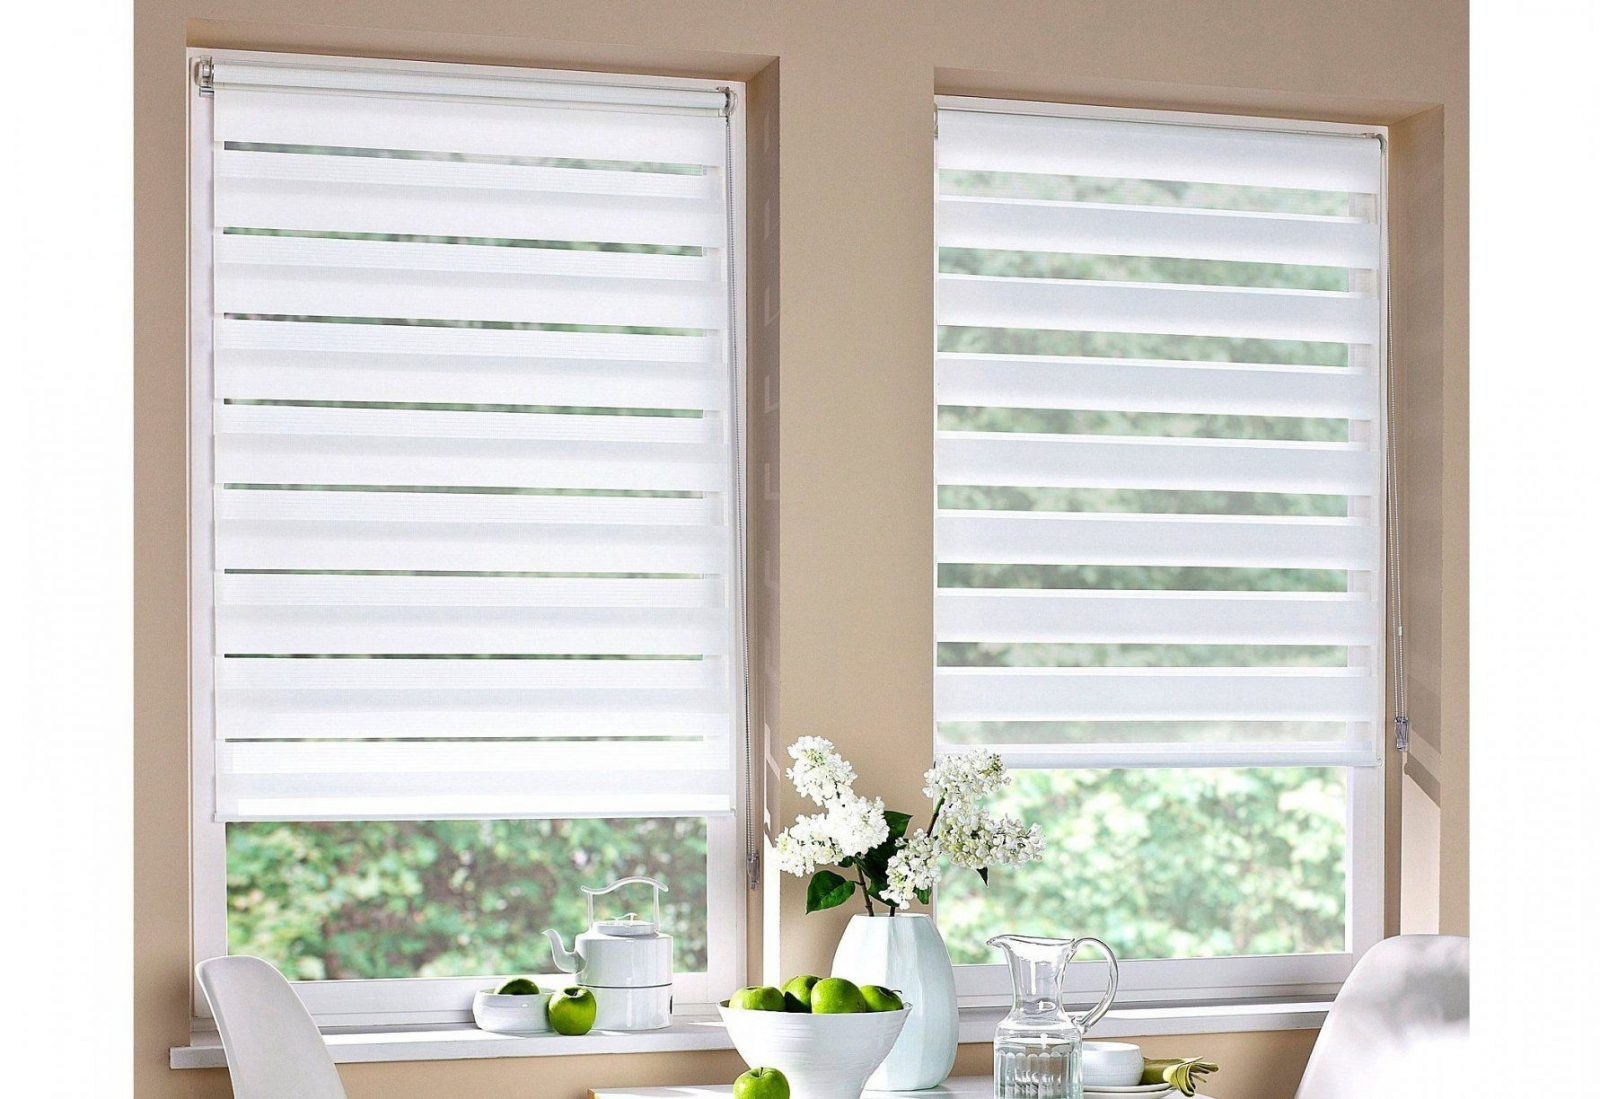 Groß Fensterrollos Fenster Rollos Innen Ohne Bohren Jalousie Nett von Fenster Rollos Für Innen Ohne Bohren Bild